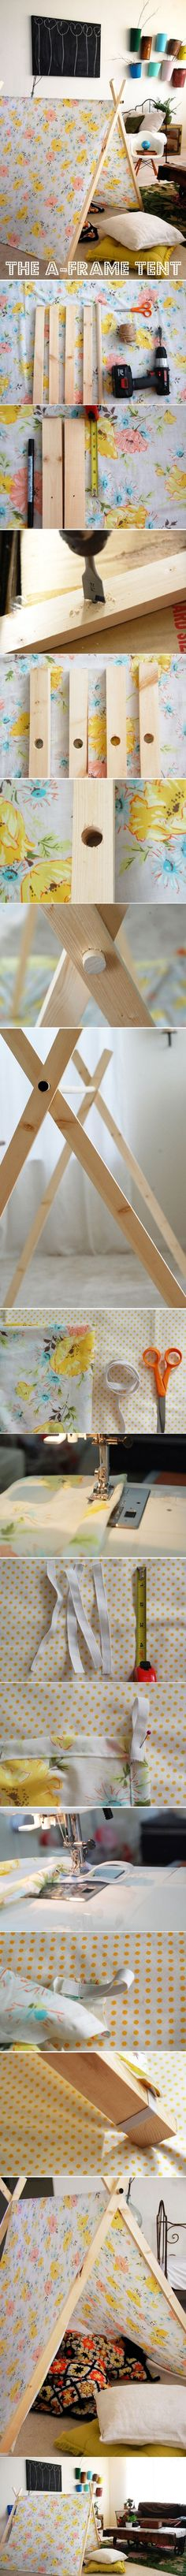 Geweldige en handige tent voor kinderen om zelf eenvoudig te maken #DIY #Stof #Kwantum